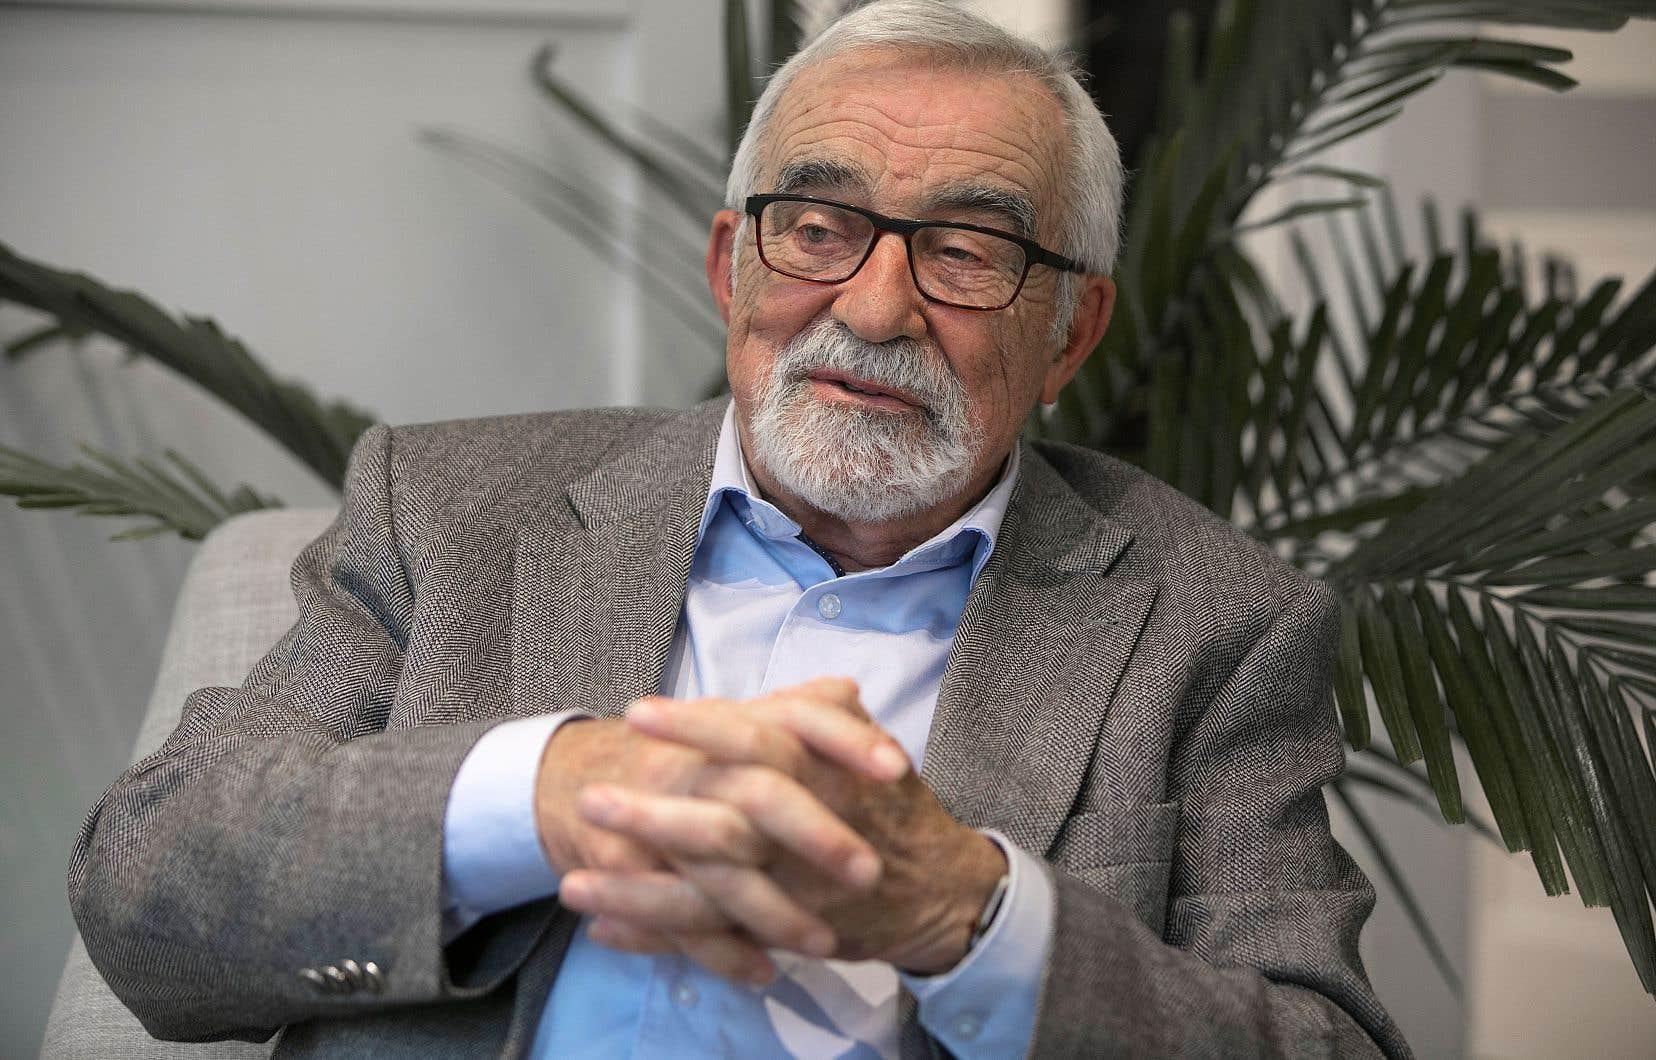 Âgé de 82 ans, Bernard Lemaire nourrit de nouveaux projets.